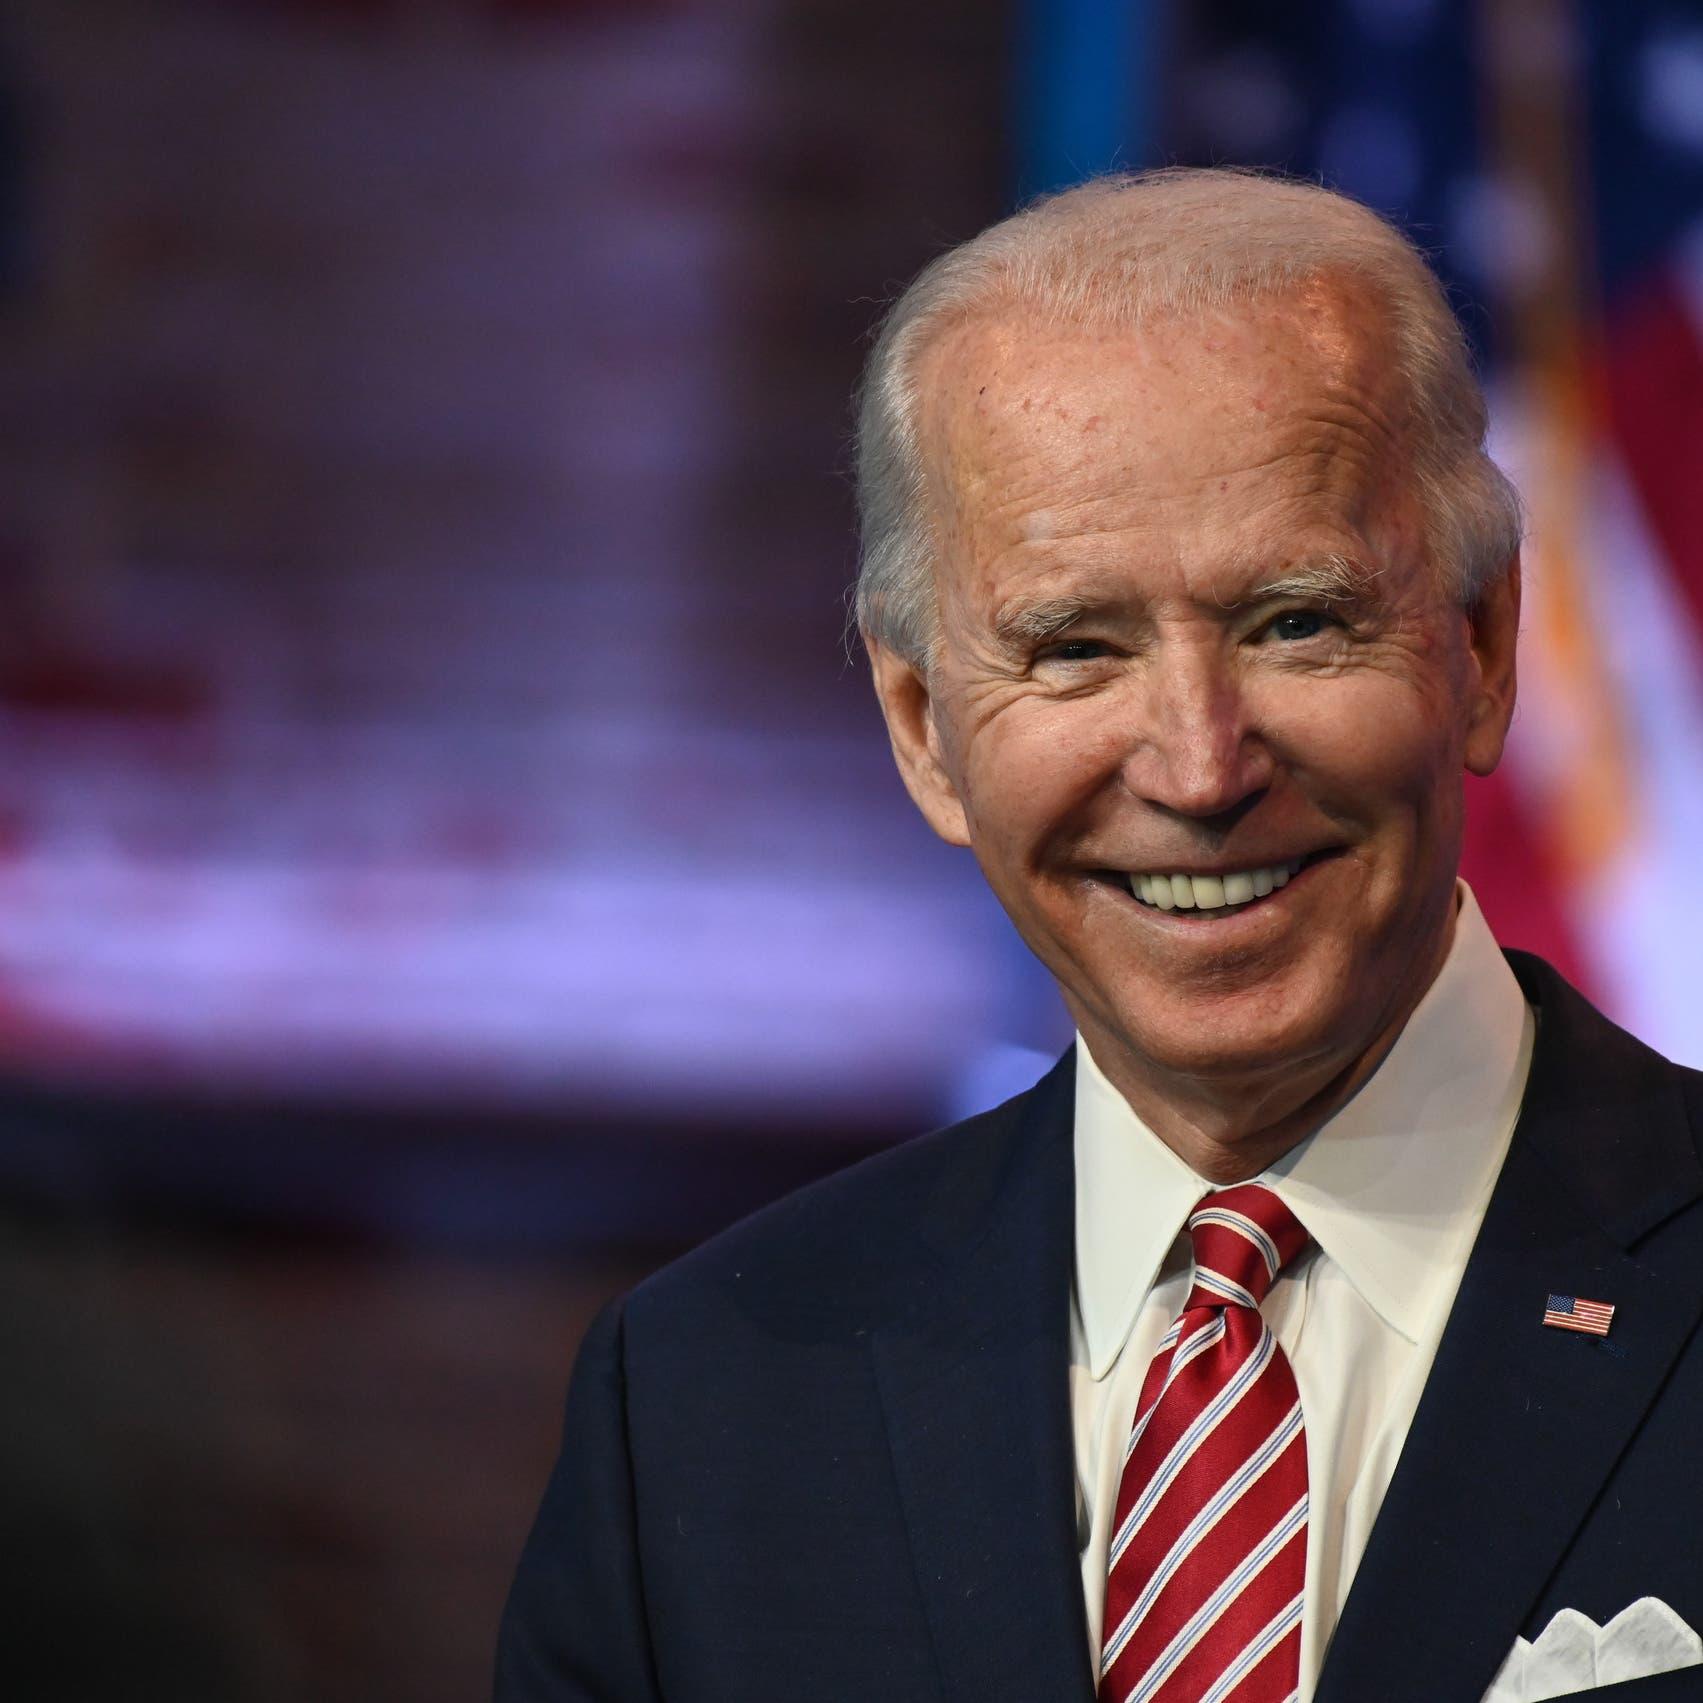 بايدن: سأكون رئيساً يوحد جميع الأميركيين